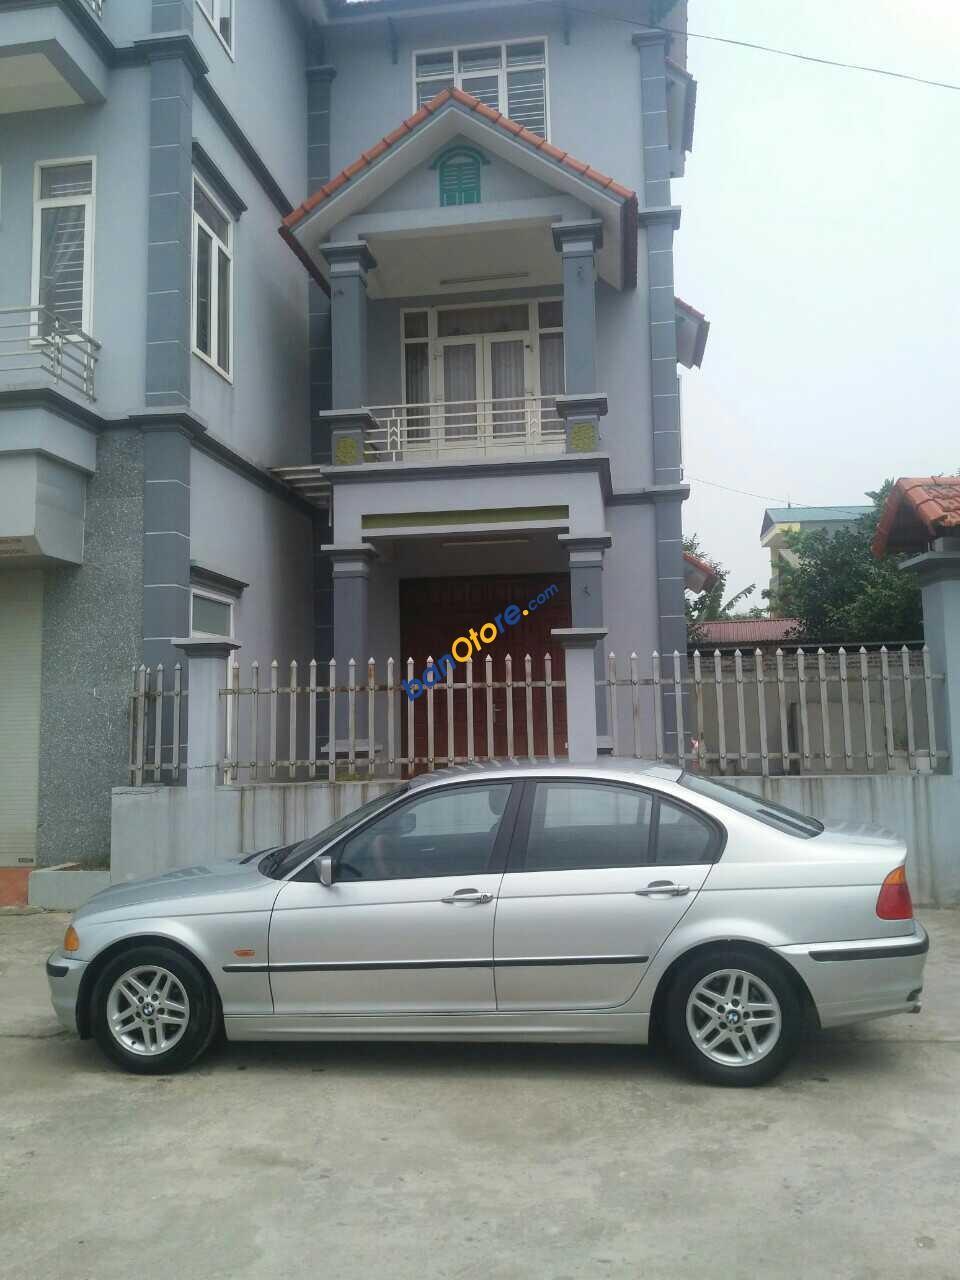 Bán BMW 3 Series 318 sản xuất 2002 xe nhập, chính chủ. Xe con gái làm công chức đi rất ít, chạy 8 vạn nên xe còn đẹp và mới